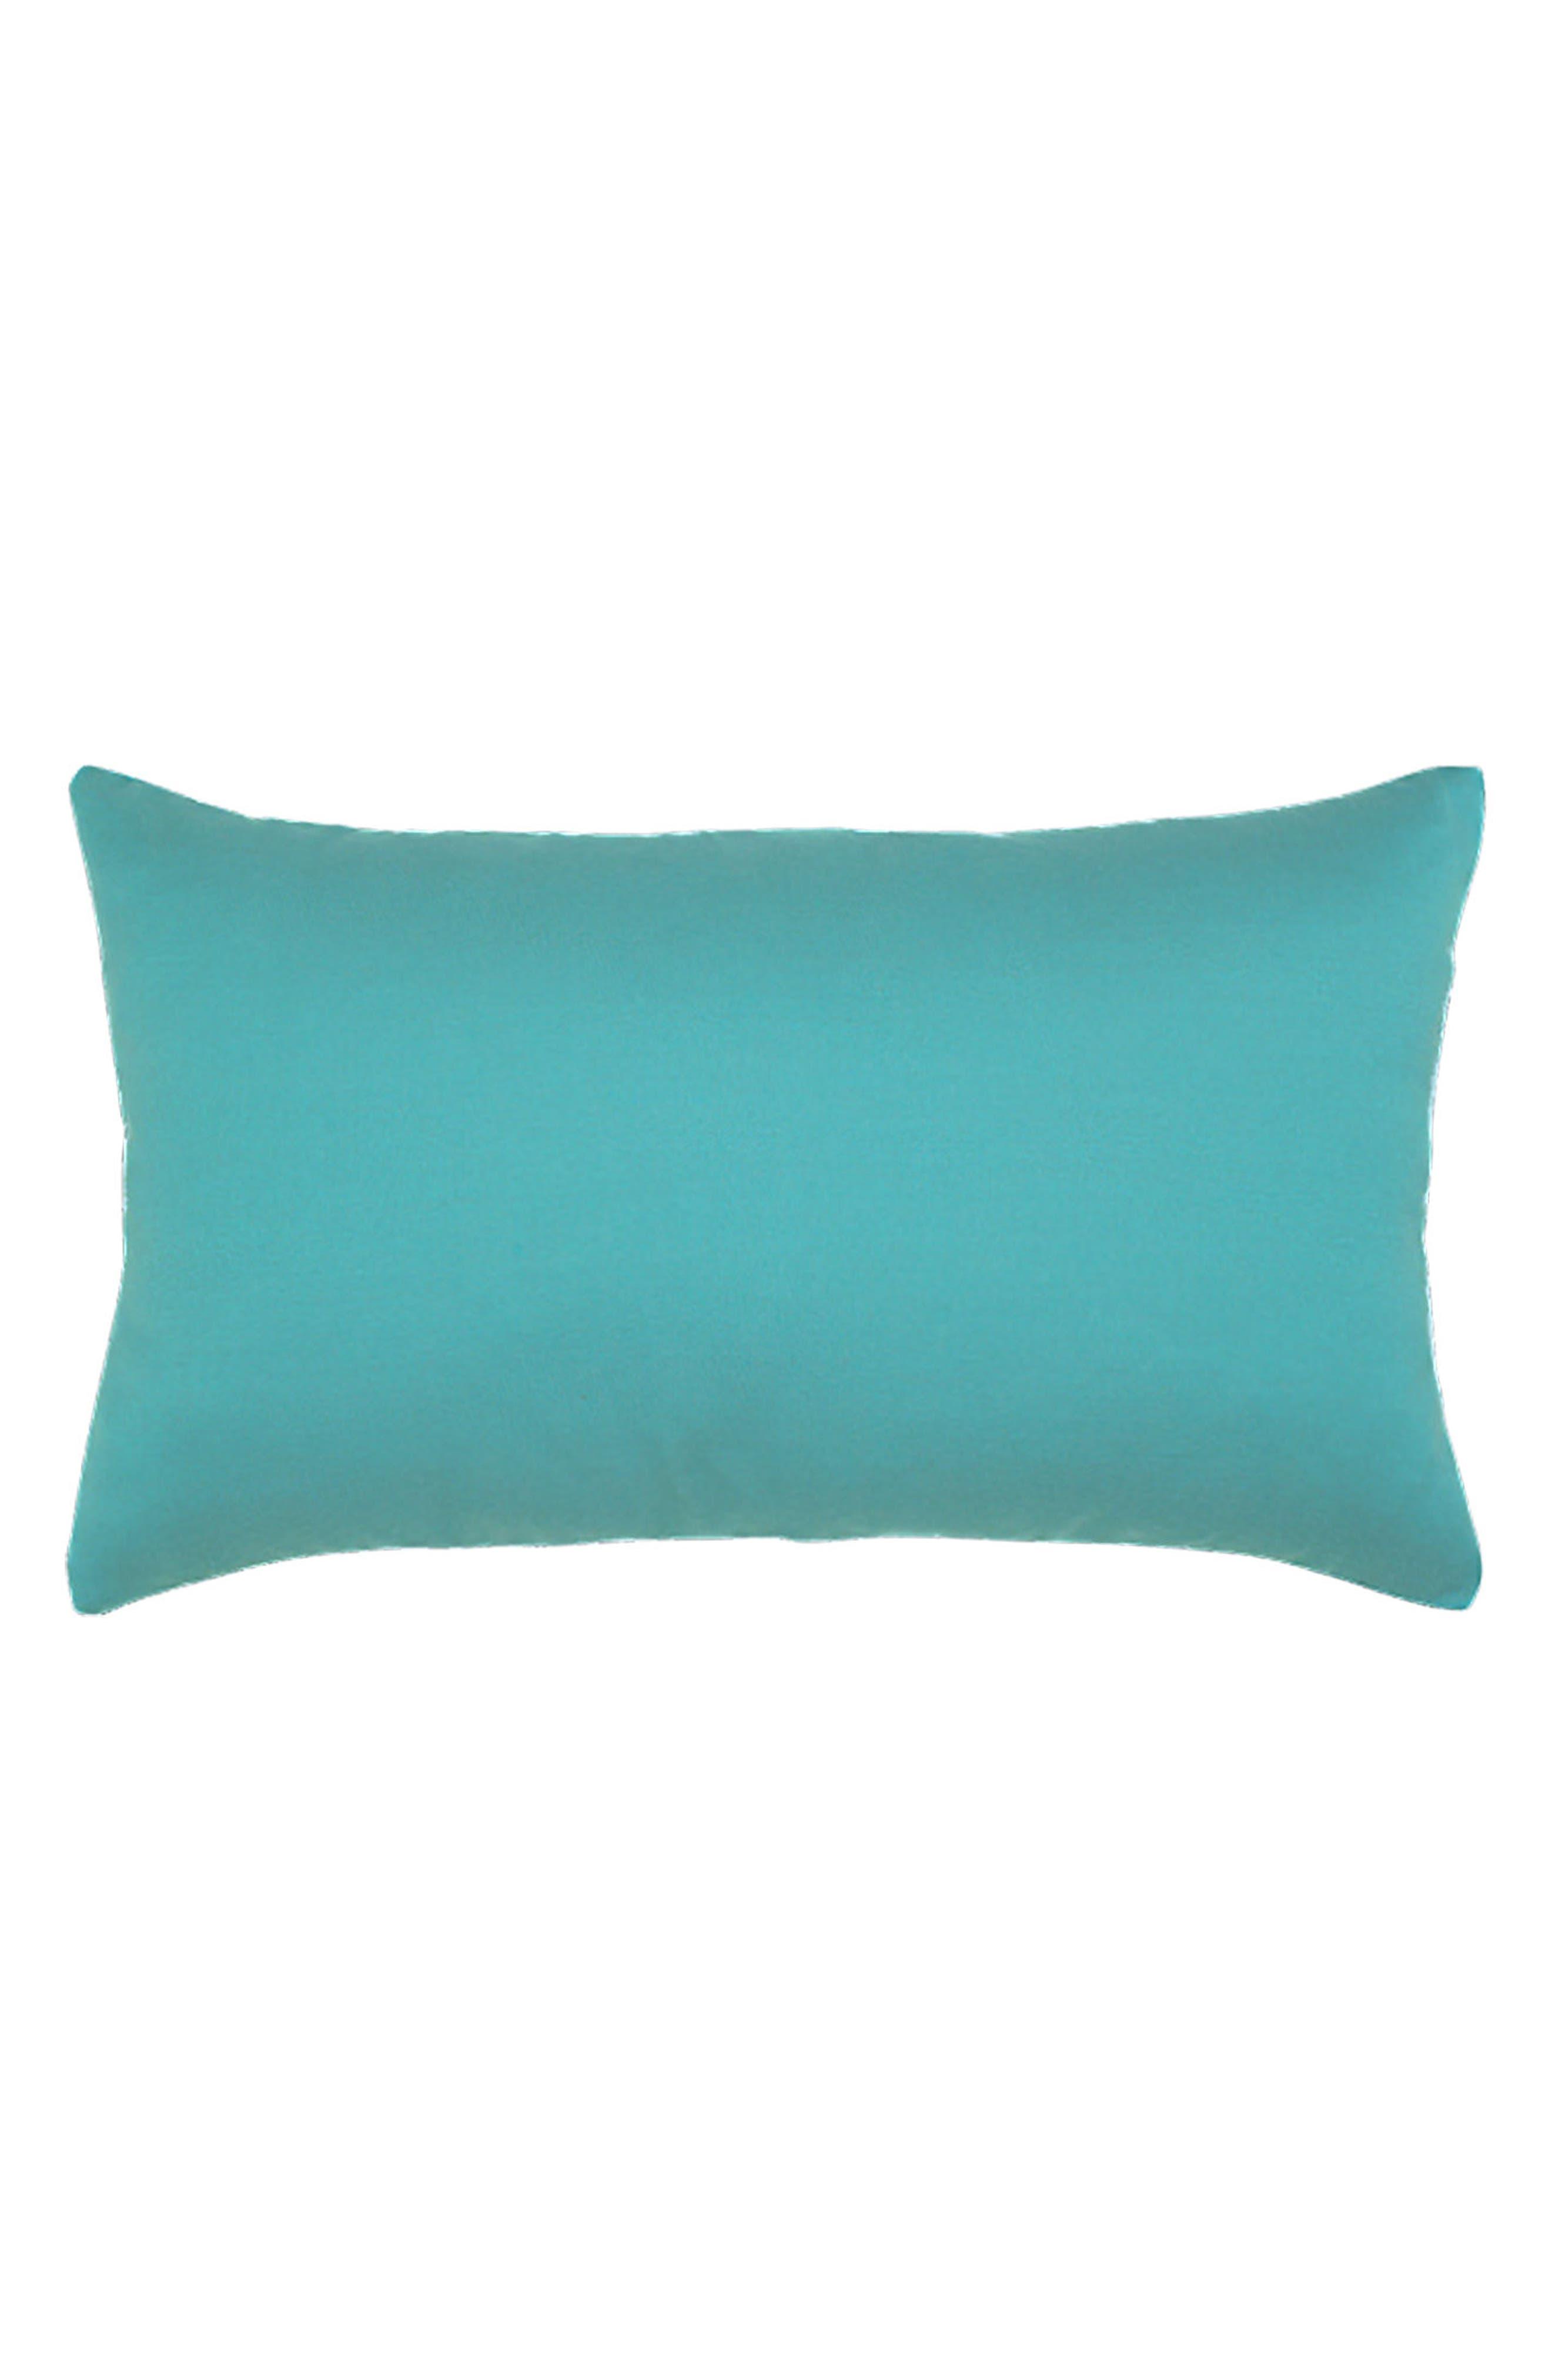 Gladiator Aruba Lumbar Pillow,                             Alternate thumbnail 3, color,                             Blue